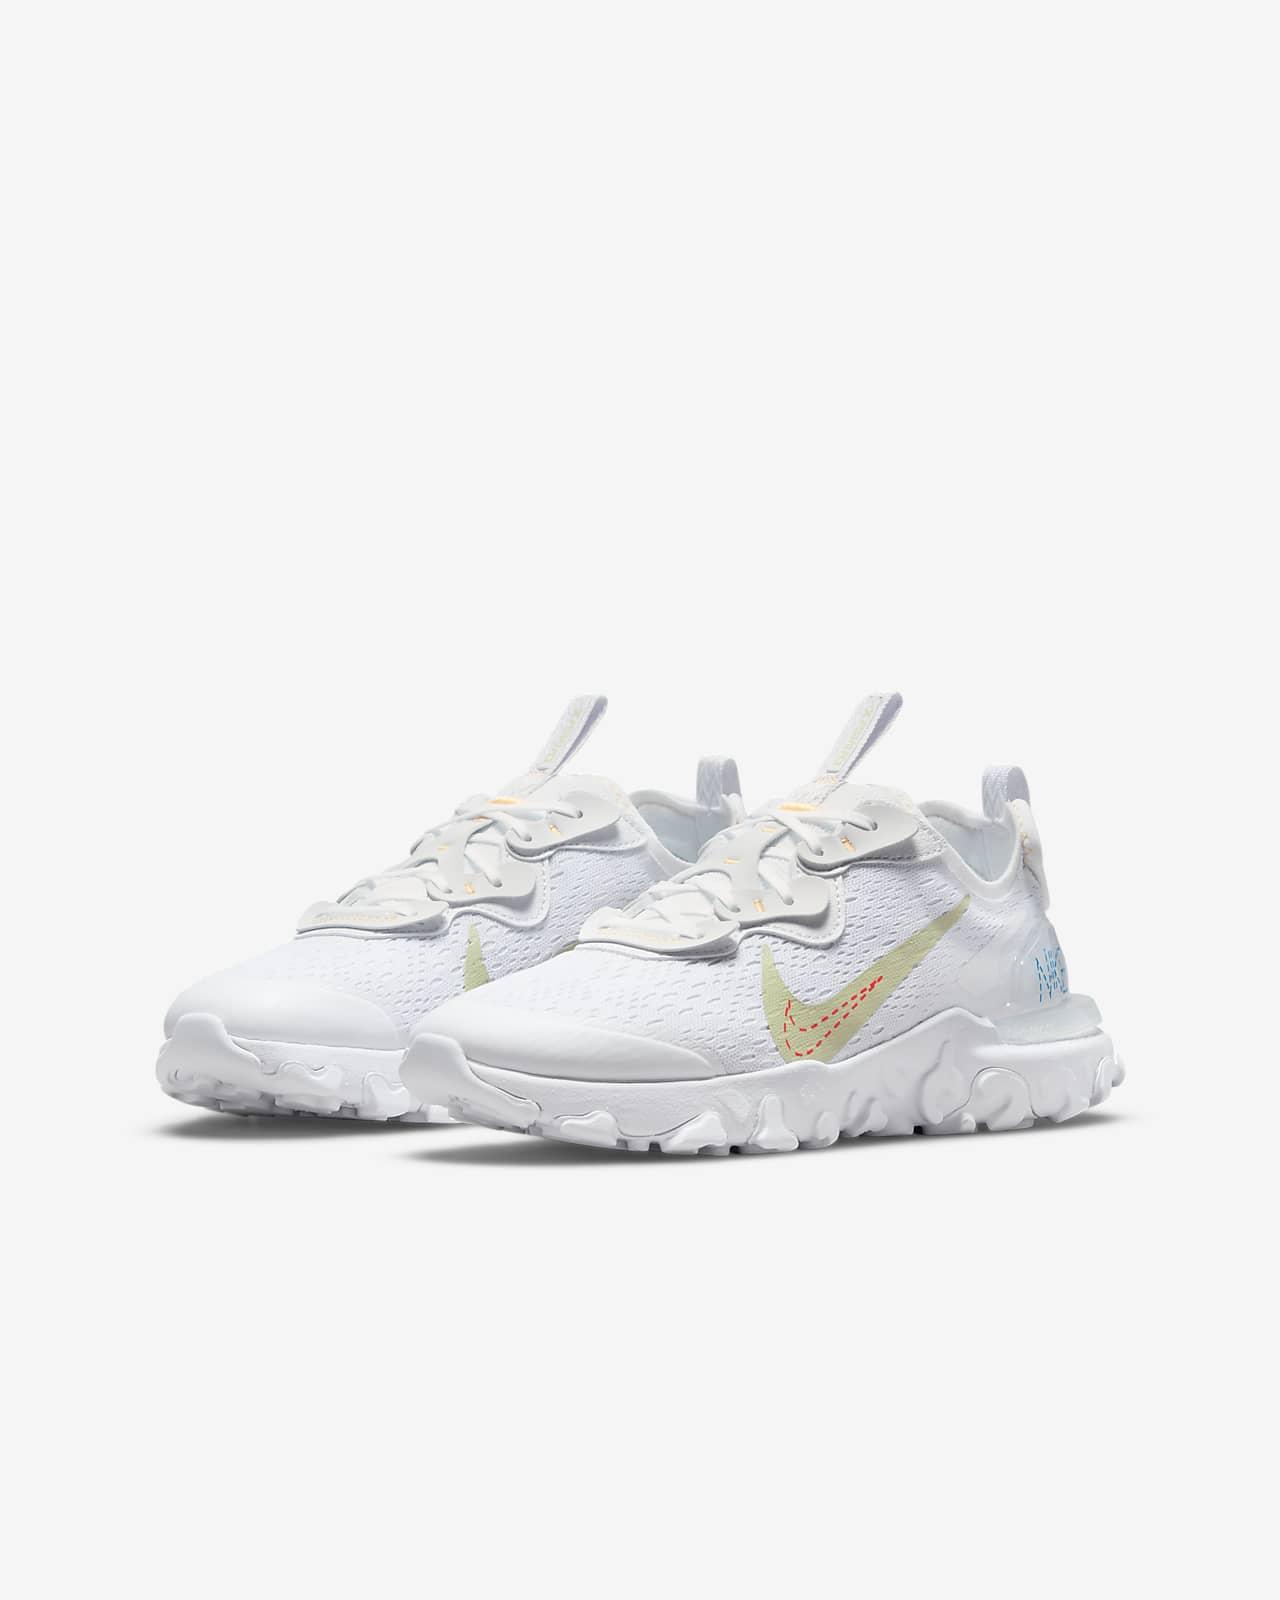 Chaussures Nike React Vision pour Enfant plus âgé. Nike LU